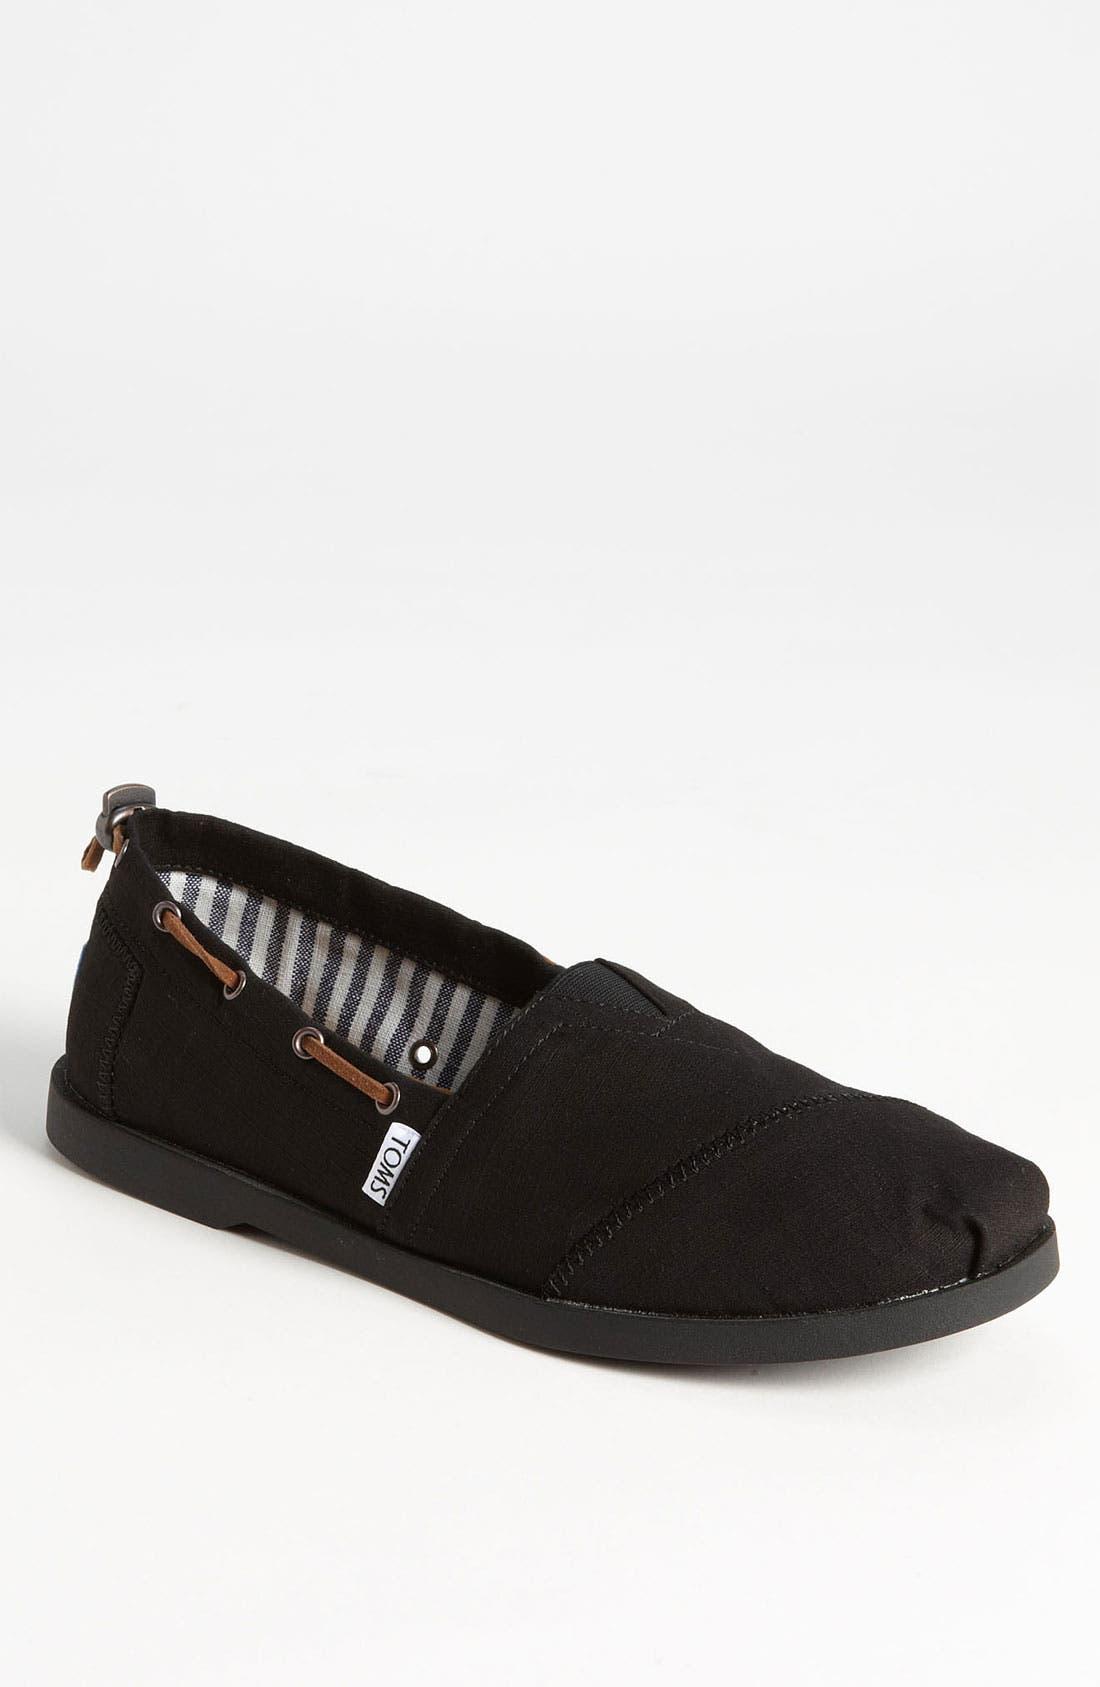 Alternate Image 1 Selected - TOMS 'Bimini - Nautical' Boat Shoe (Men)